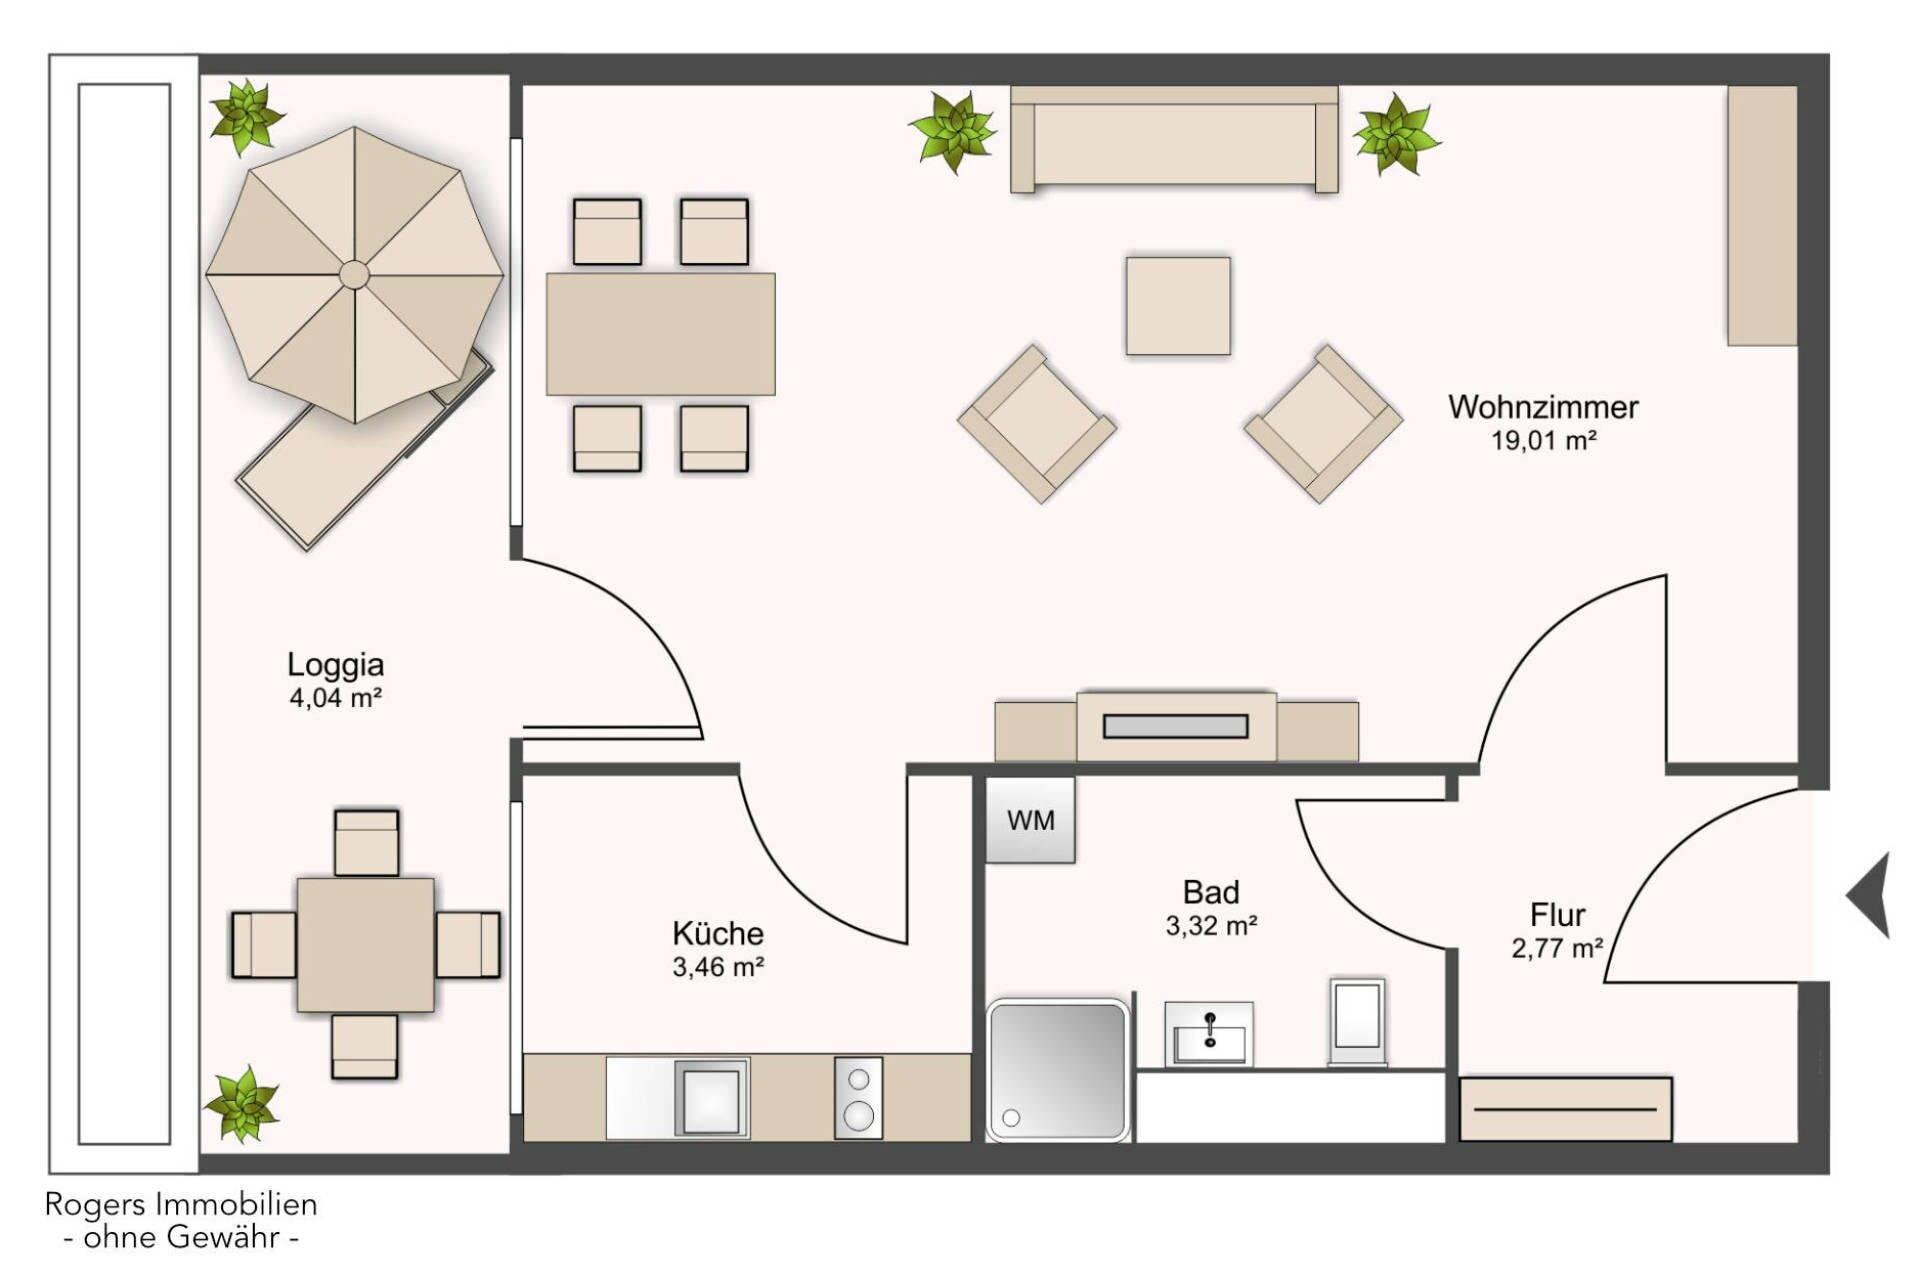 Laim Wohnung Grundriss